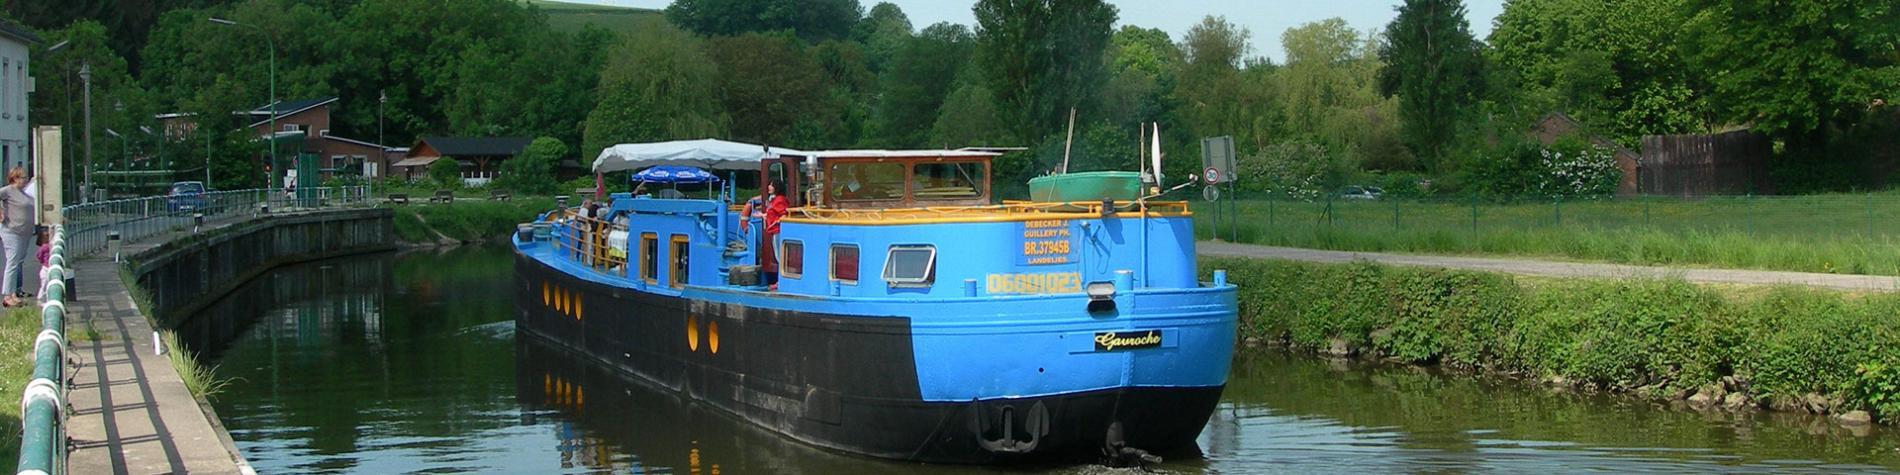 Péniche - Gavroche - Wallonie terre d'eau - tourisme fluviale - bateau - fleuve